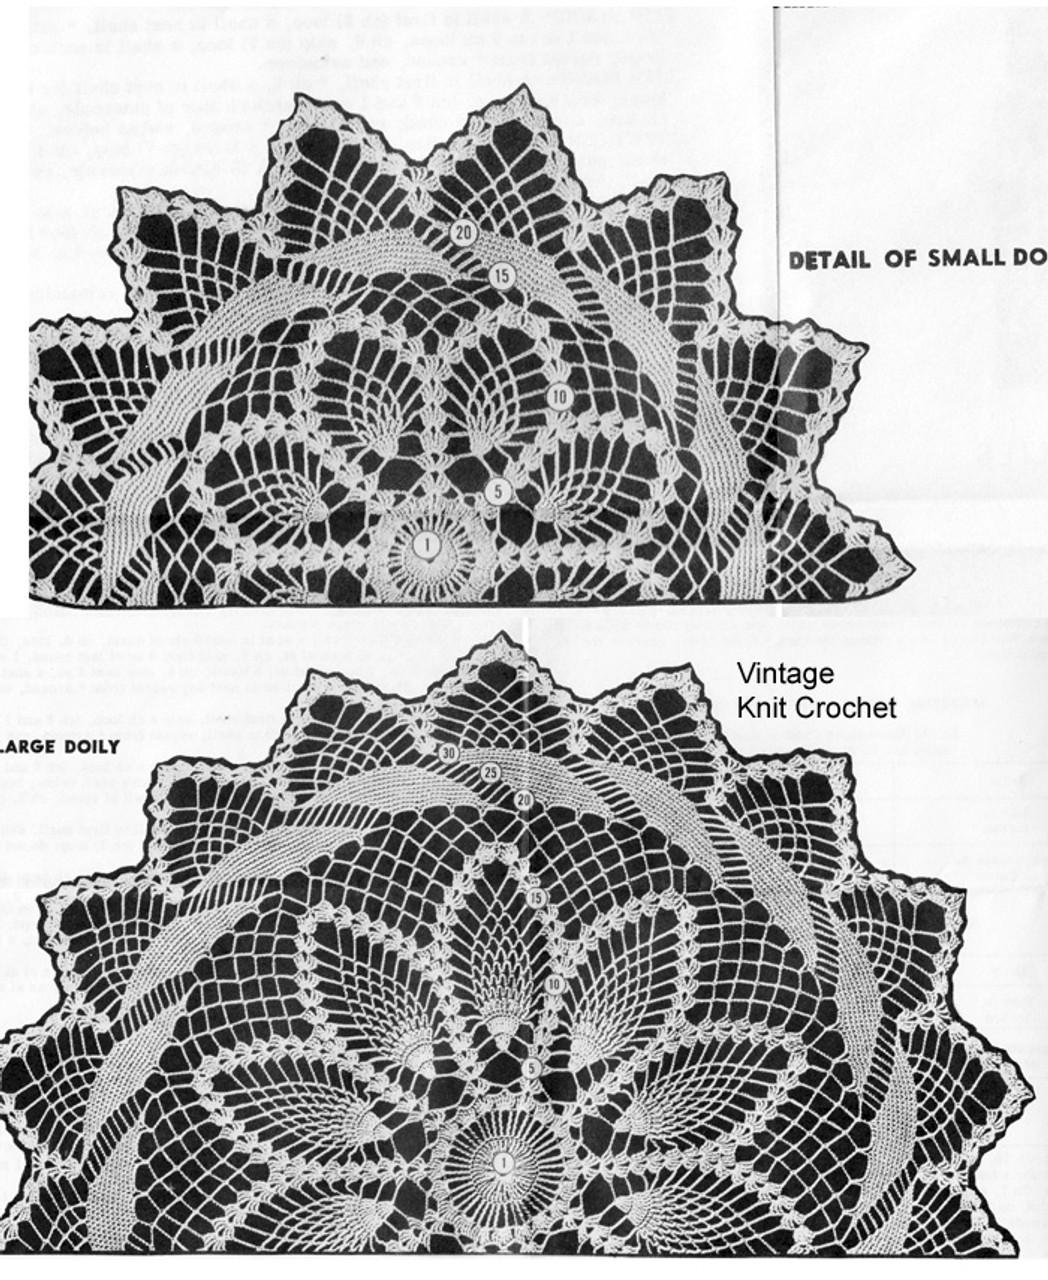 Crochet Pineapple Bordered Doily Detail, Laura Wheeler 781